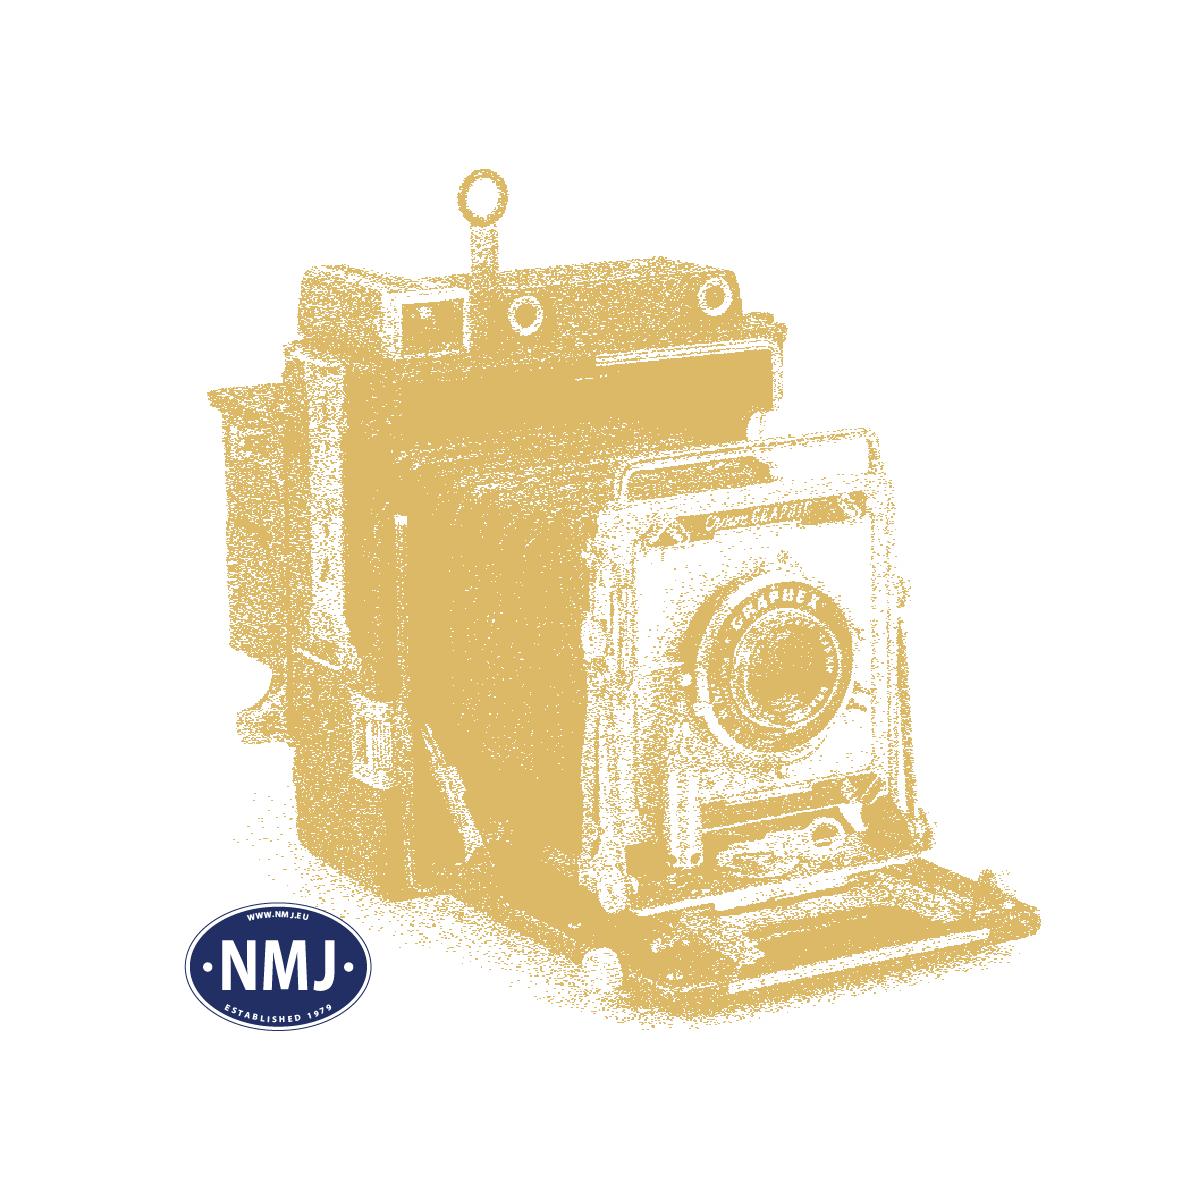 NMJT9912 - Speil og Stige forRødbrun El13